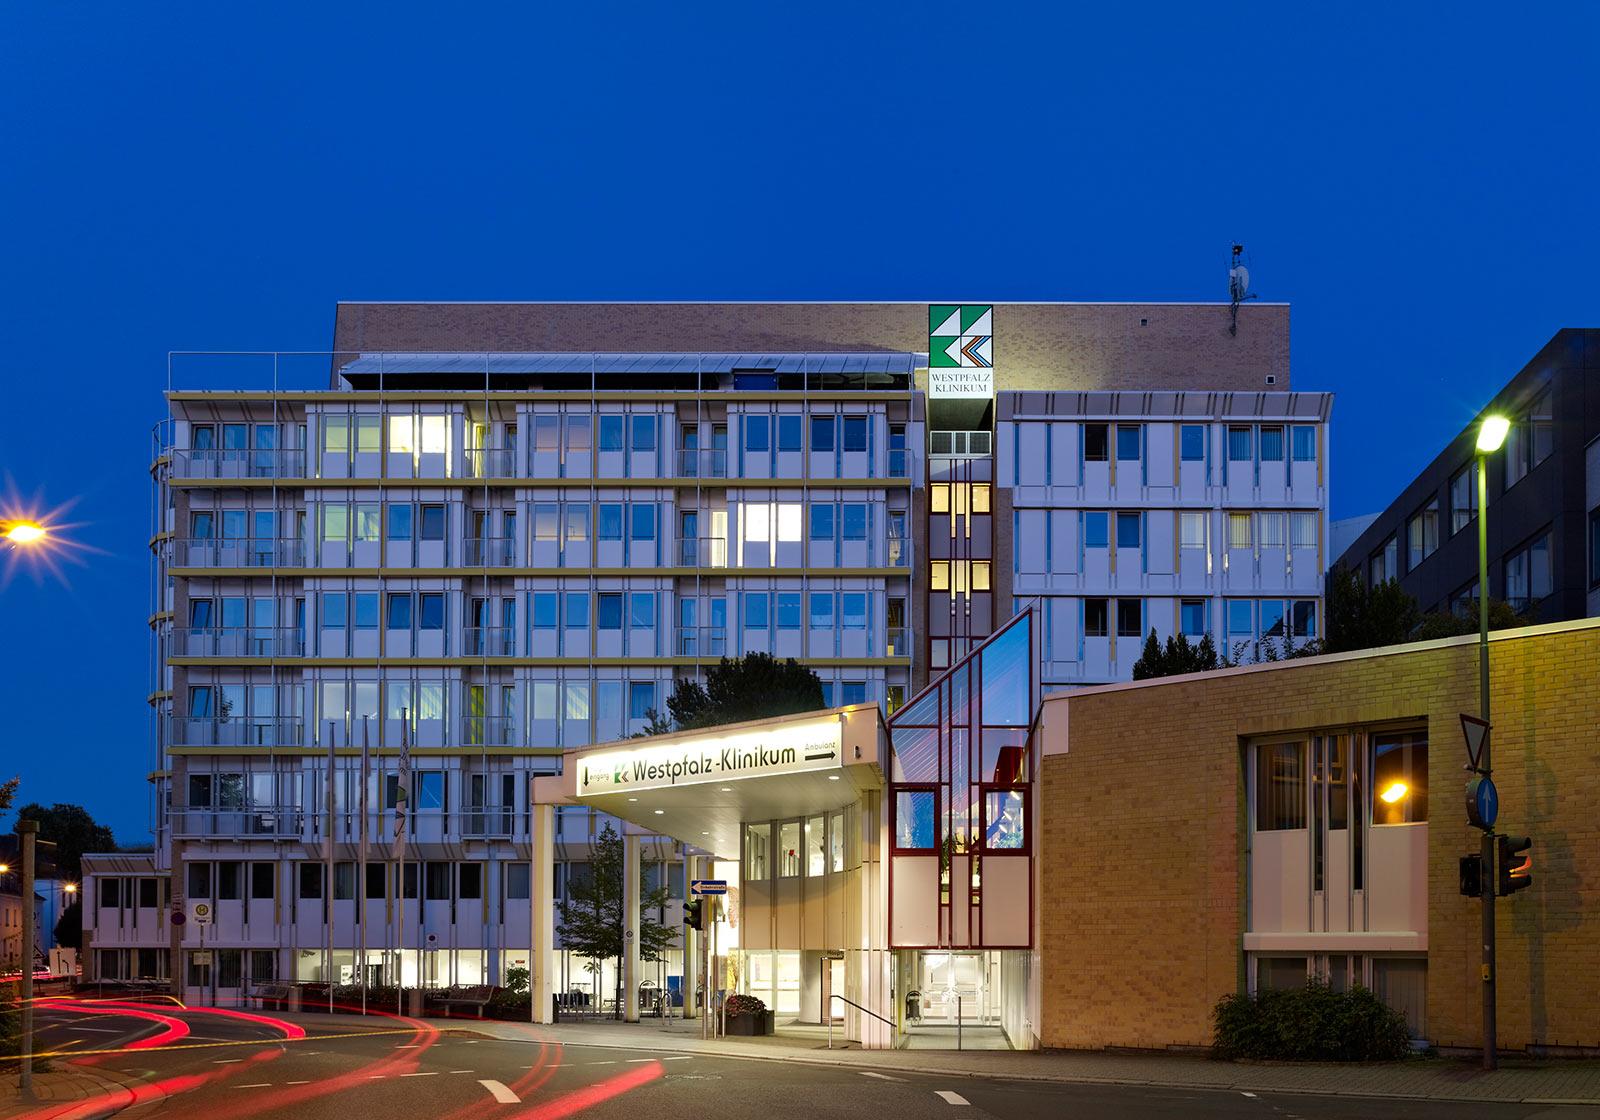 ATP health проектирует общее обновление клиники Westpfalz в Кайзерслаутерне. Источник фото: ATP